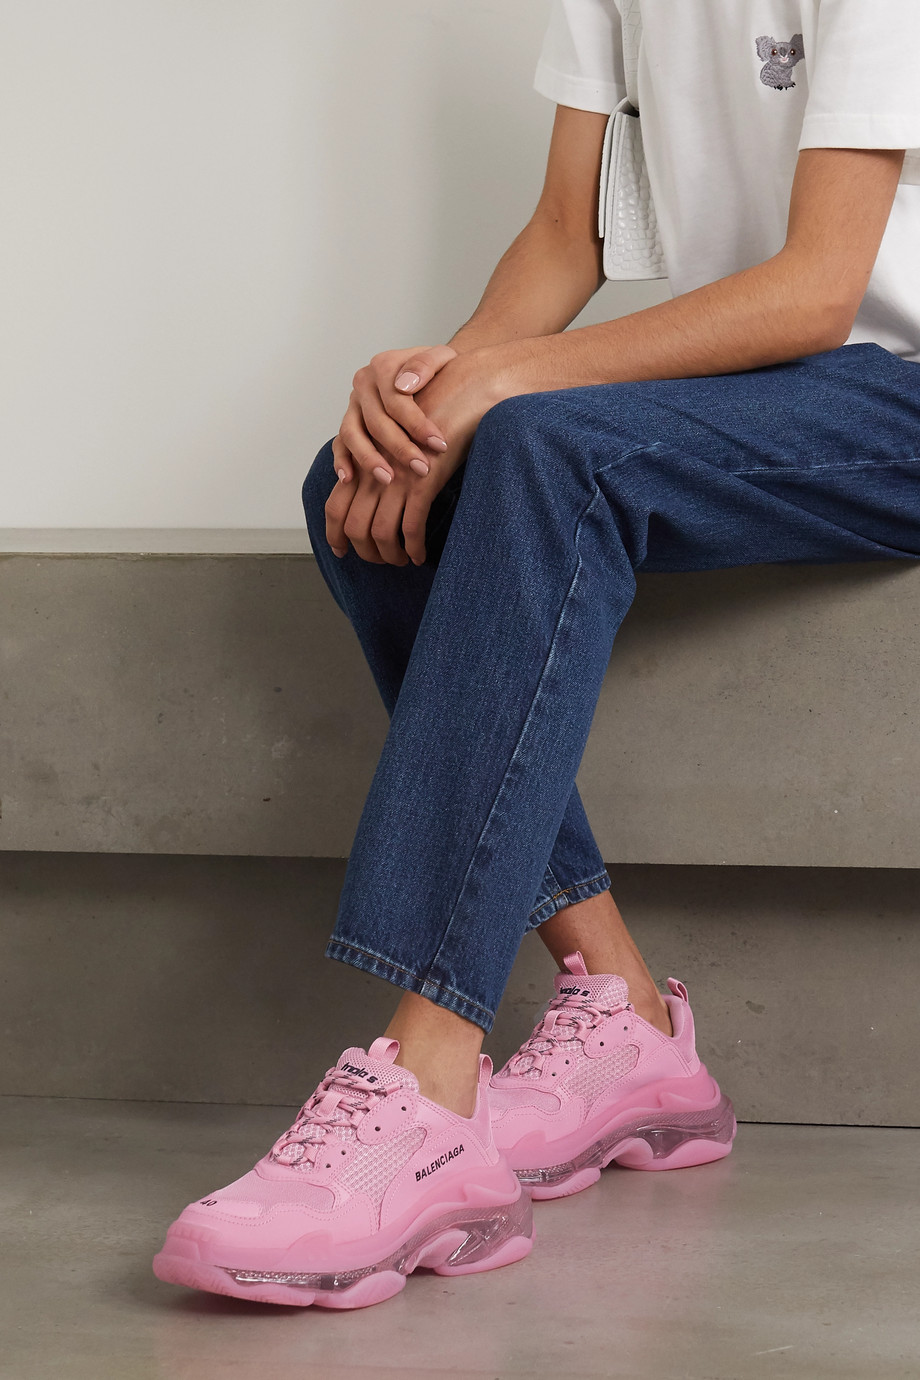 Balenciaga Triple S Clear Sole Sneakers aus Kunstleder, Schaumstoff und Mesh mit Logostickerei